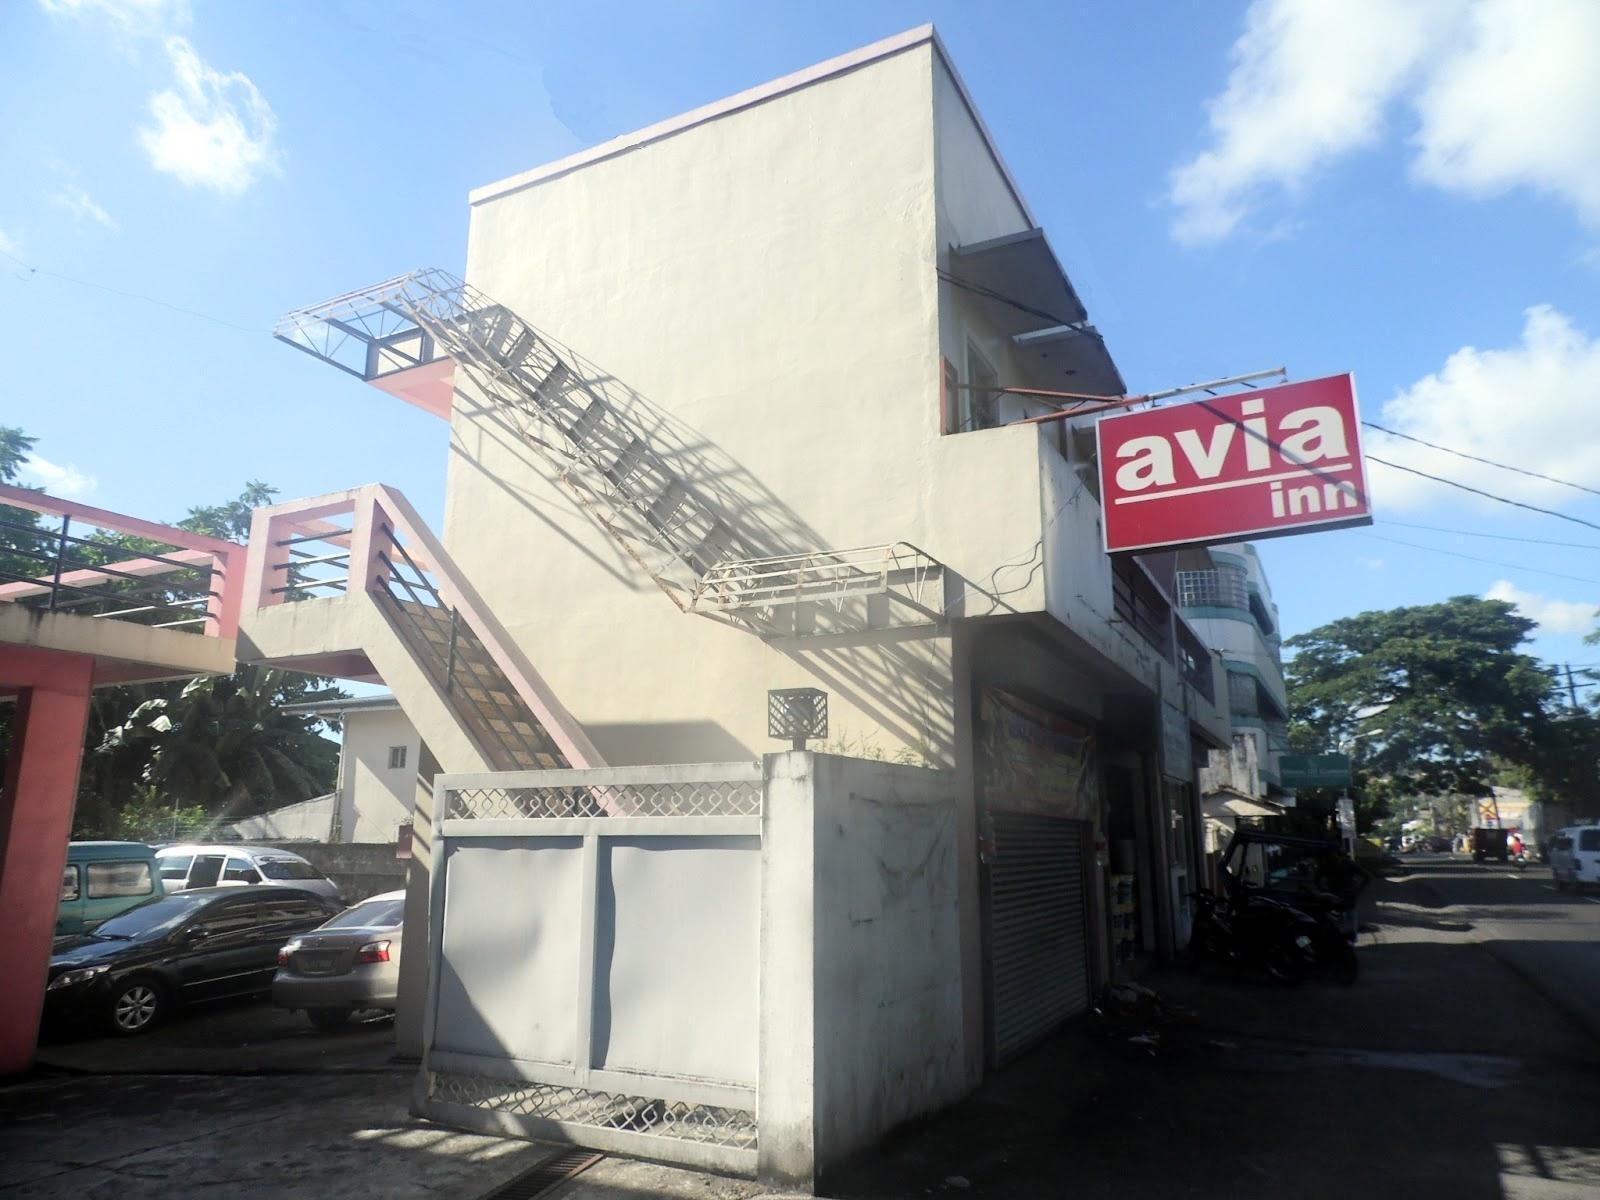 Avia Inn